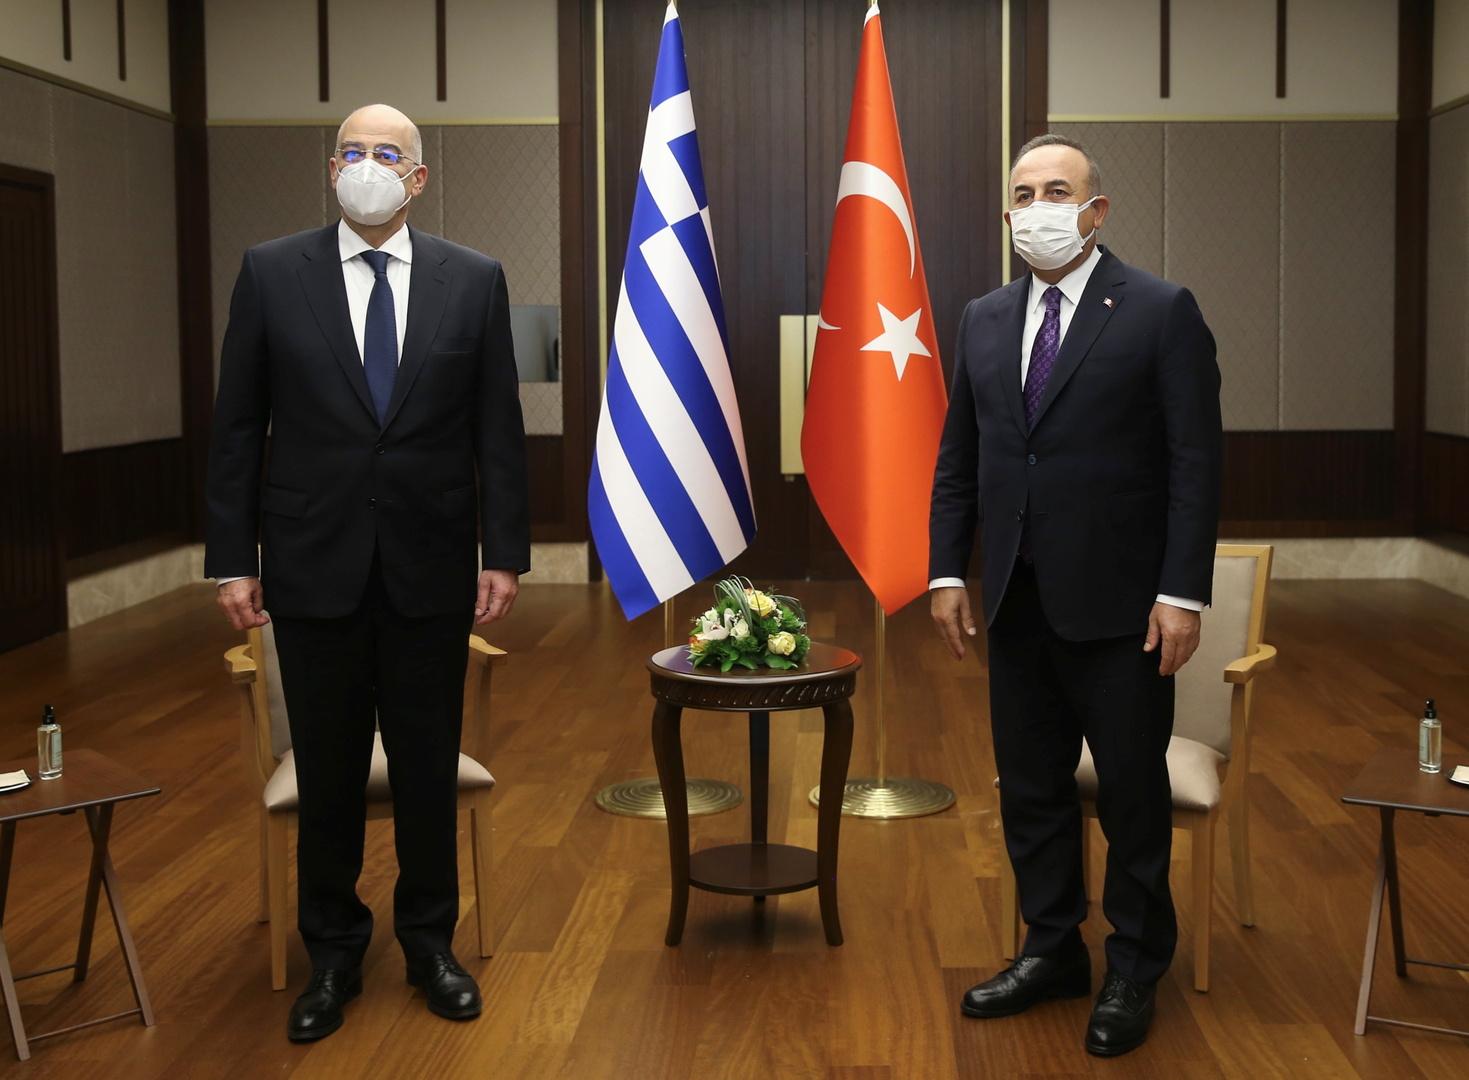 وزير الخارجية التركي، مولود تشاووش أوغلو، ونظيره اليوناني، نيكوس ديندياس (أنقرة، 15 أبريل 2021).